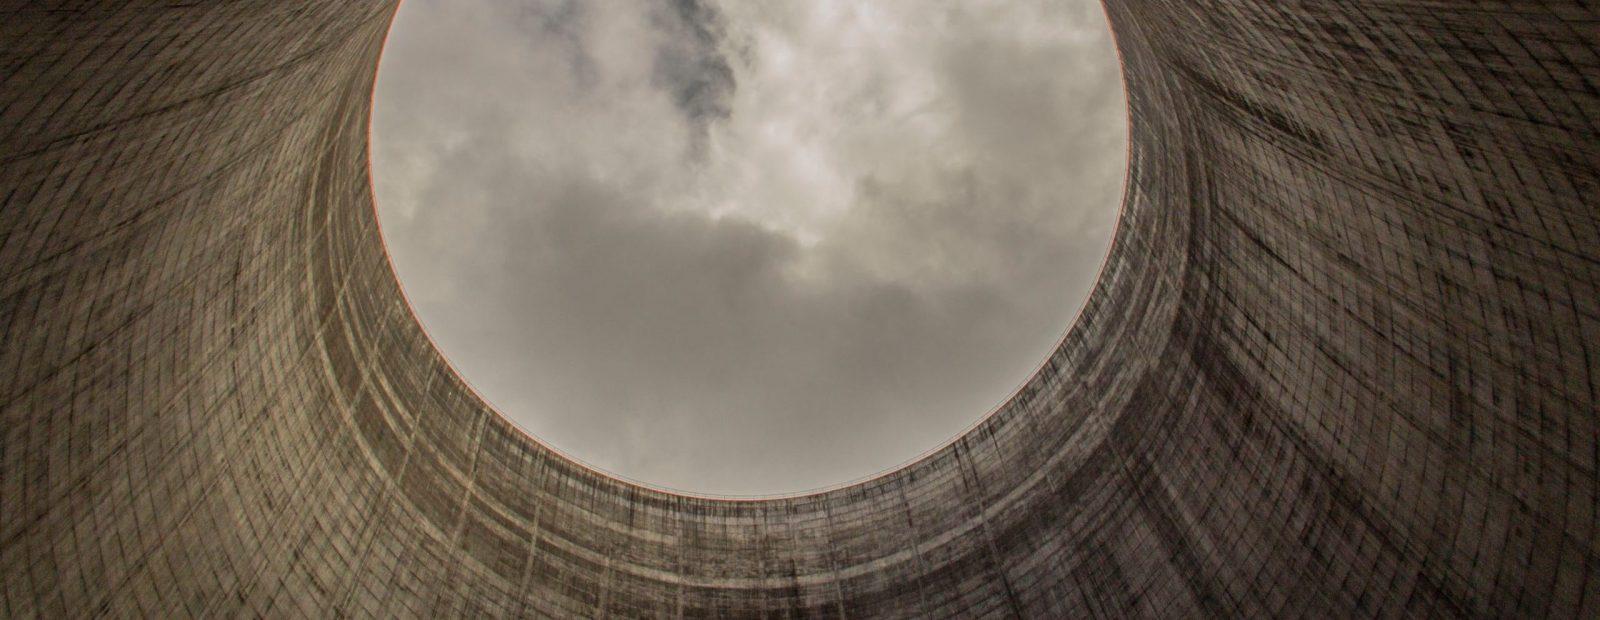 les énergies fossiles provoquent plus d'accidents que les énergies renouvelables